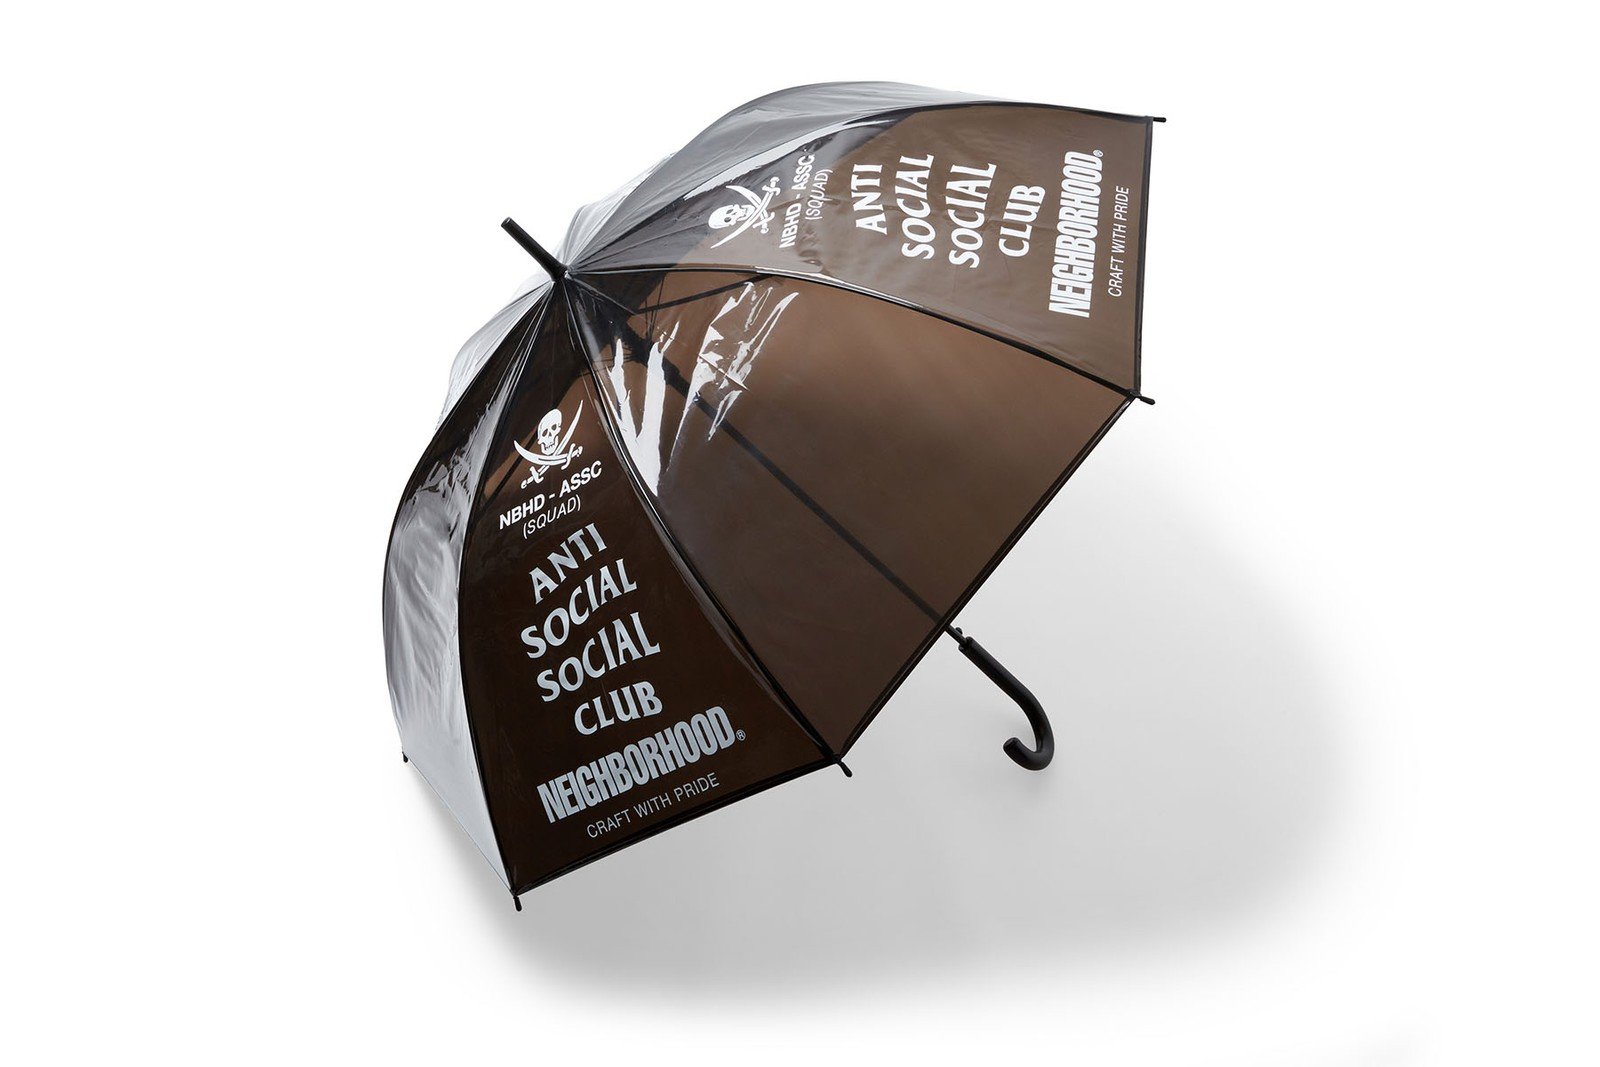 ネイバーフッド アンチ・ソーシャル・ソーシャル・クラブ NEIGHBORHOOD x Anti Social Social Club によるコラボレーション第2弾が登場